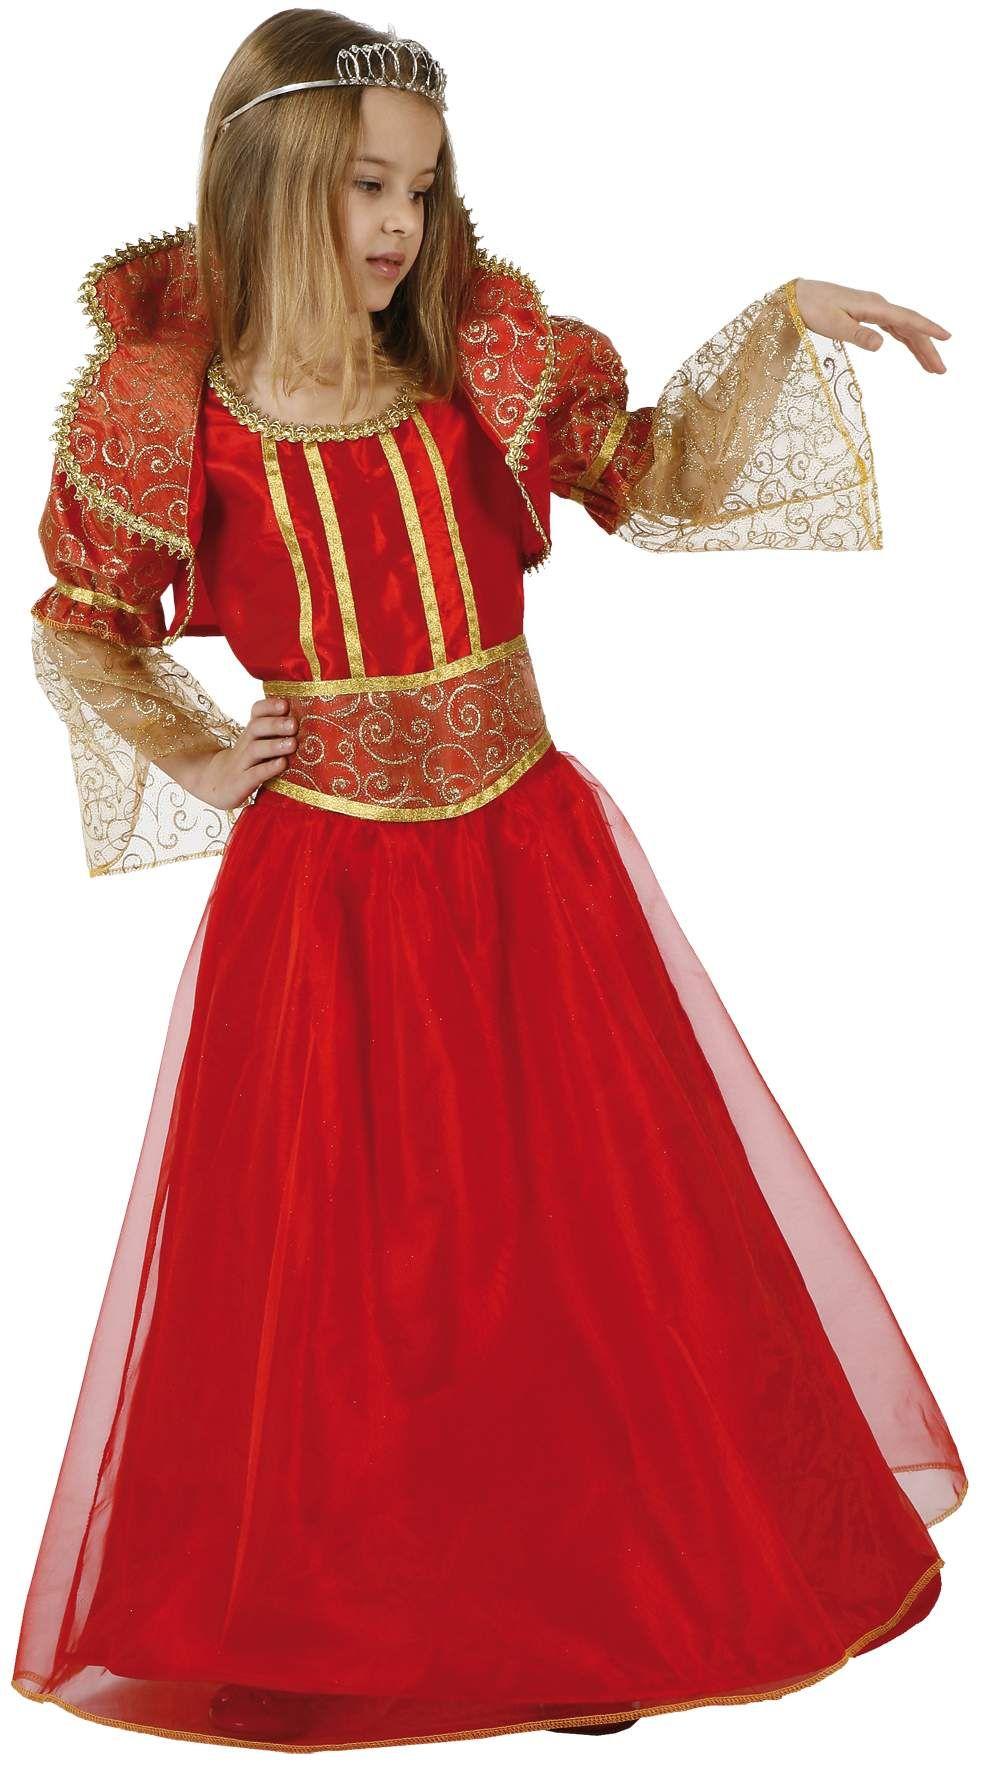 4a8d044ad37 Déguisement reine médiévale fille   Ce déguisement de reine médiévale fille  se compose d une